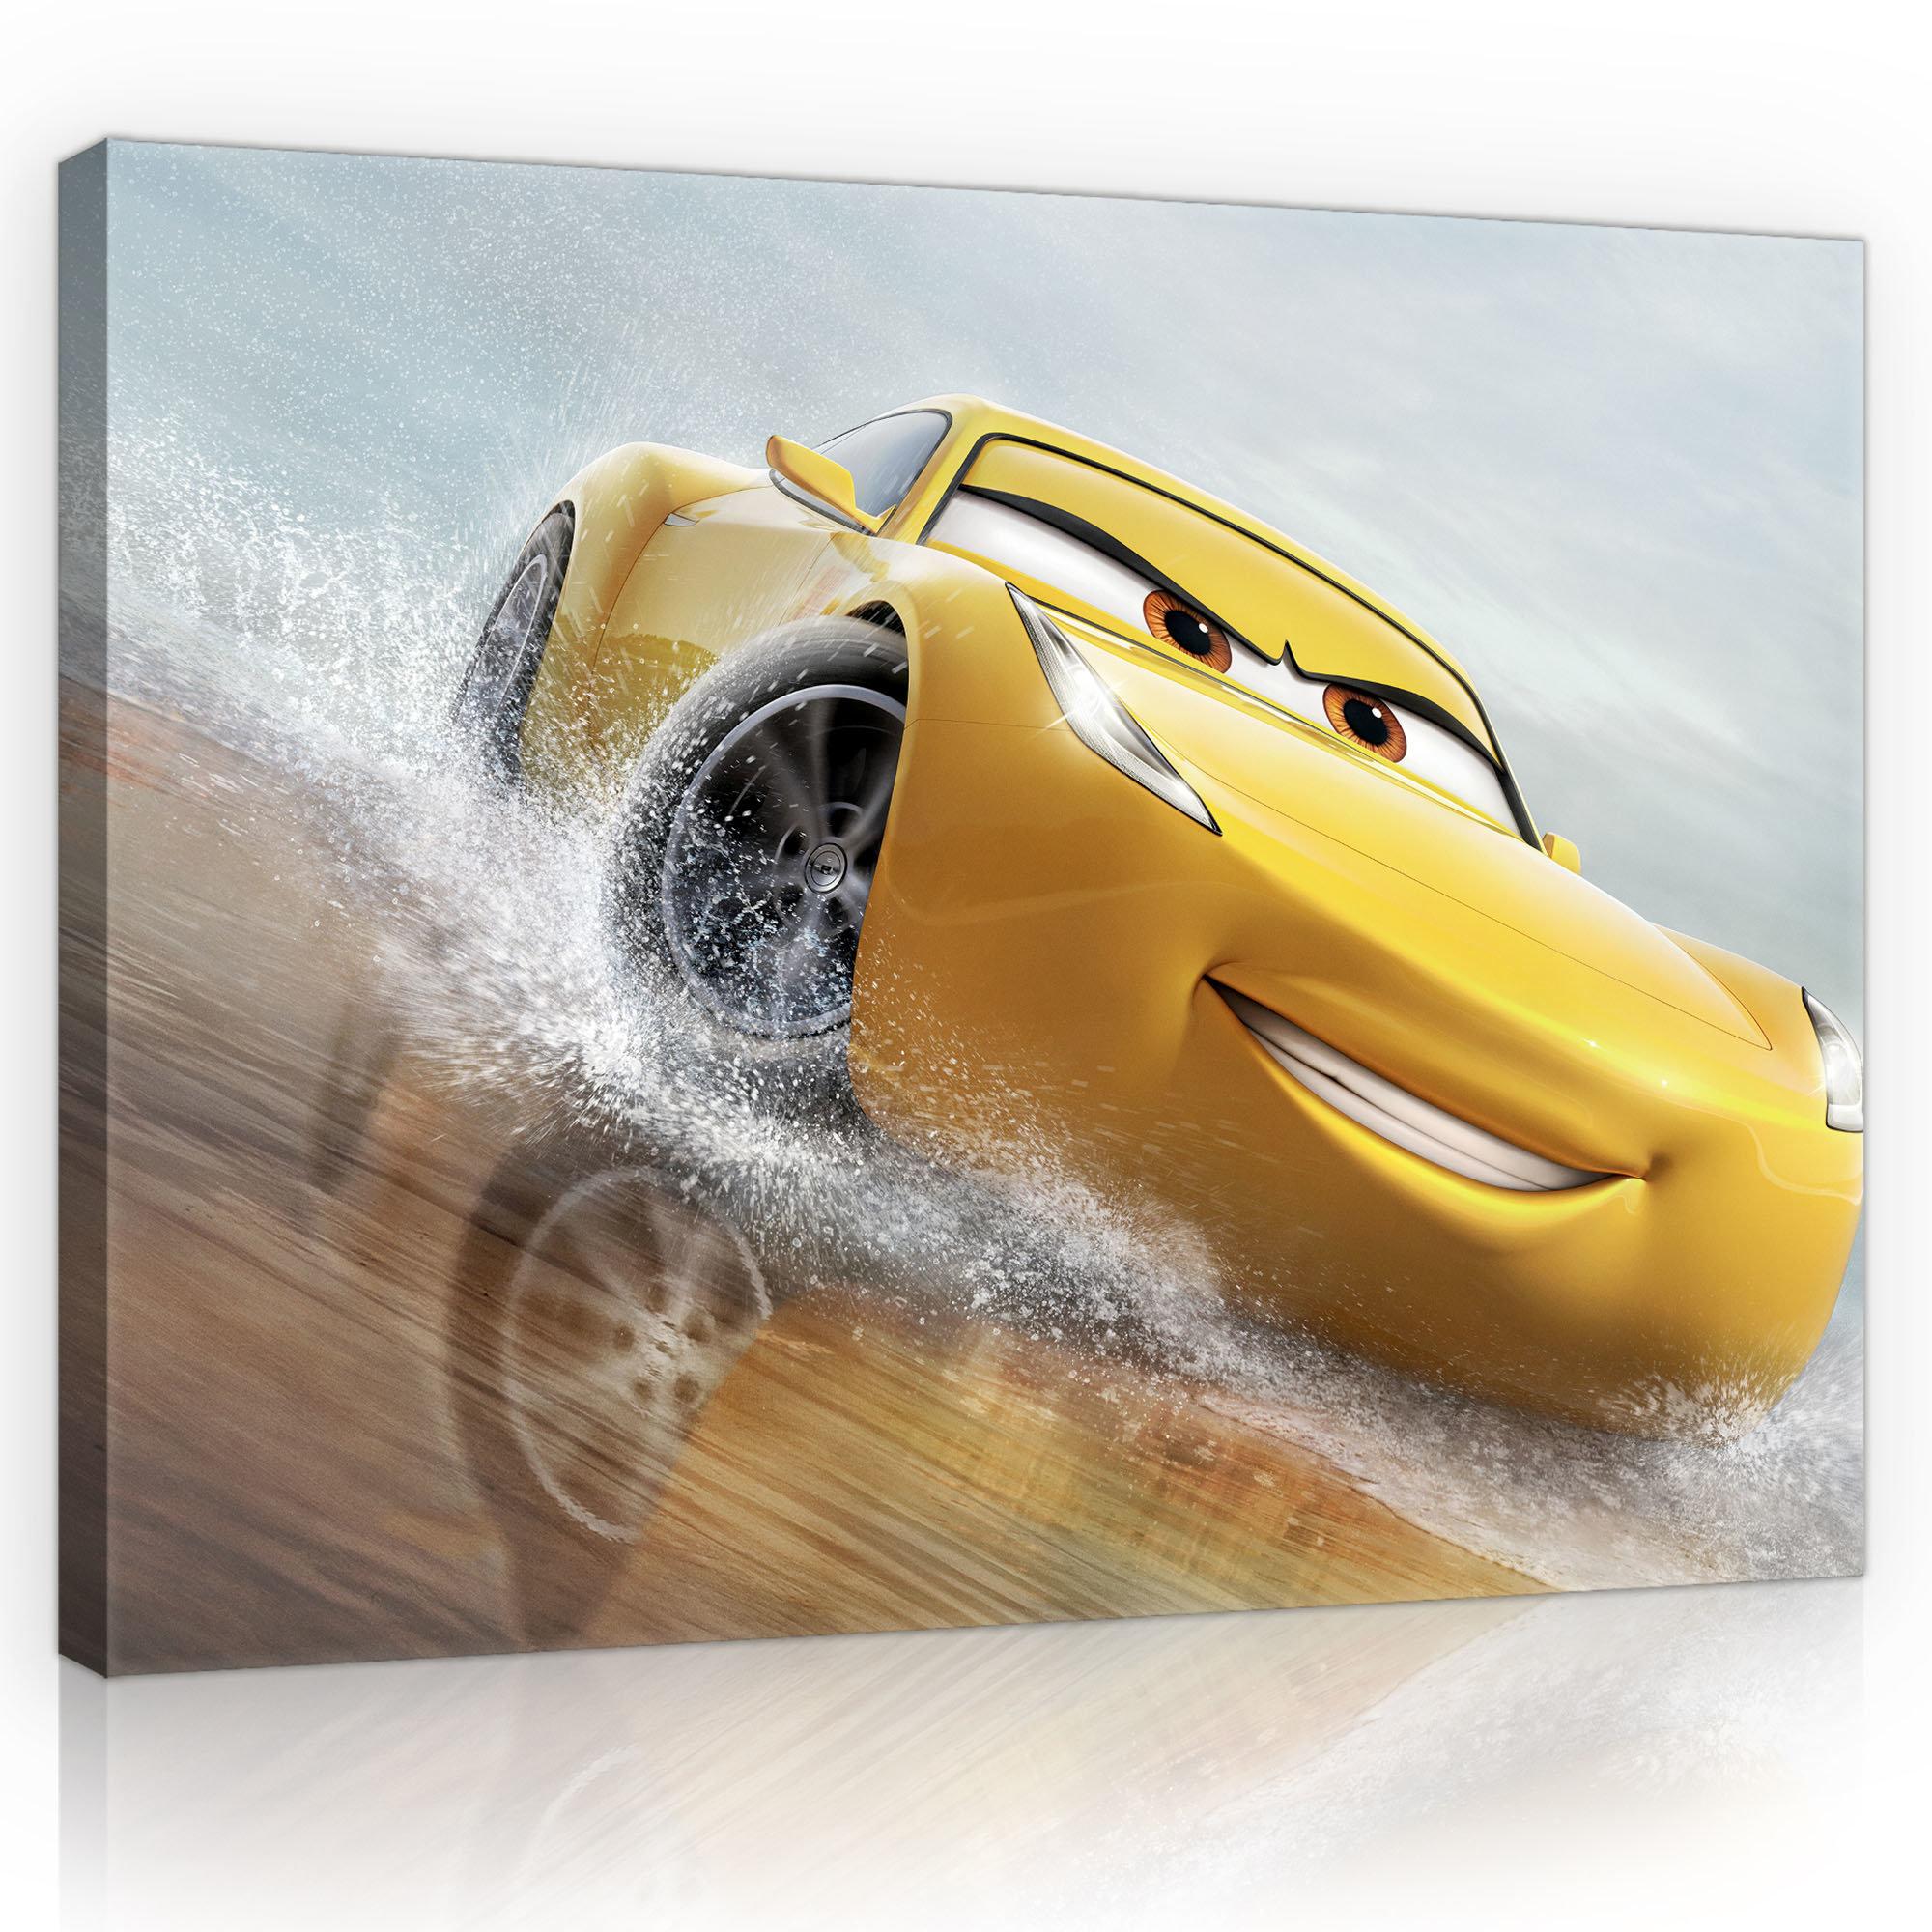 Leinwandbild Disney Cars 3 Cruz Ramirez